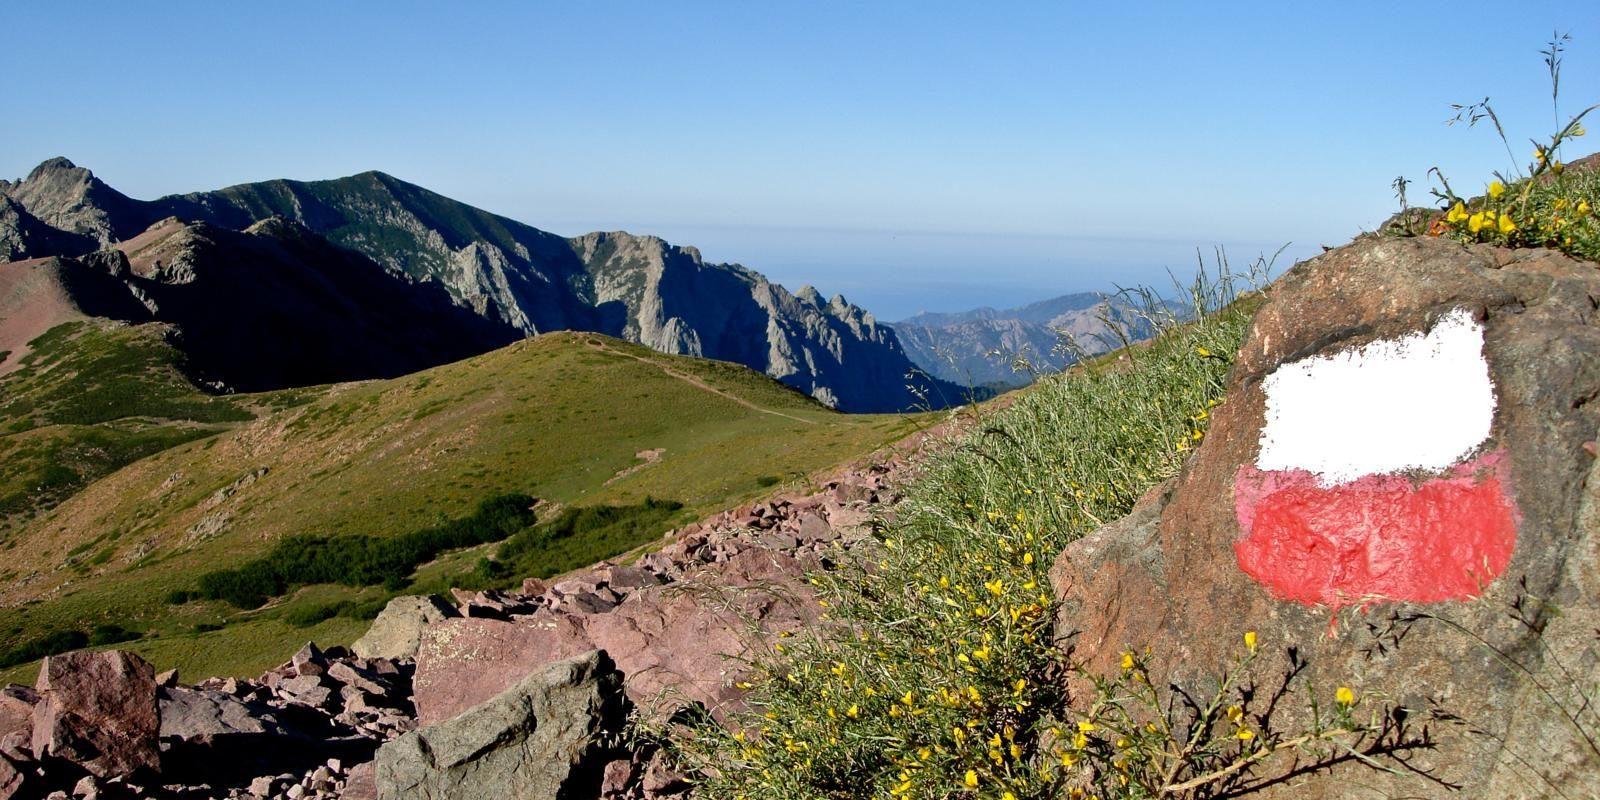 Corsica Frankrijk GR20 wandelen trekking sign wegwijzer rots vallei